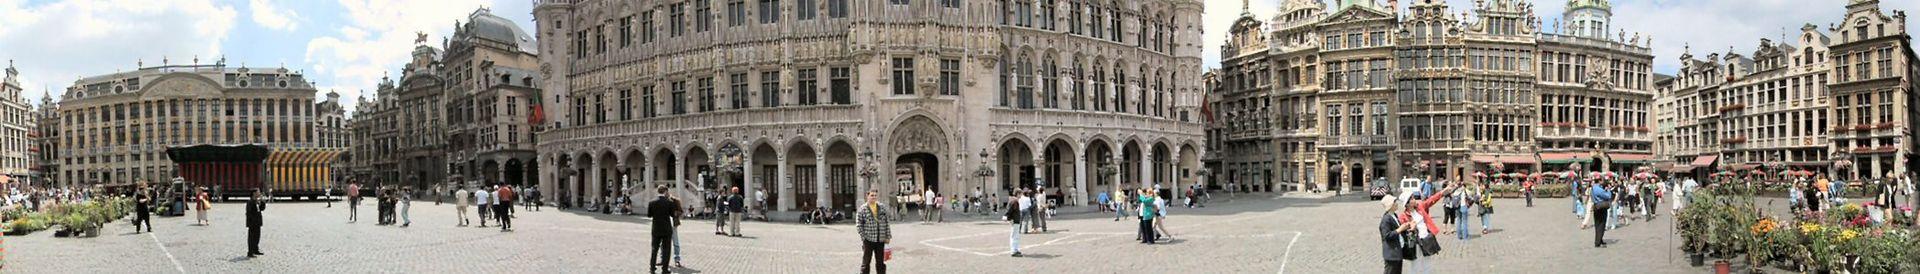 Reiseführer Brüssel